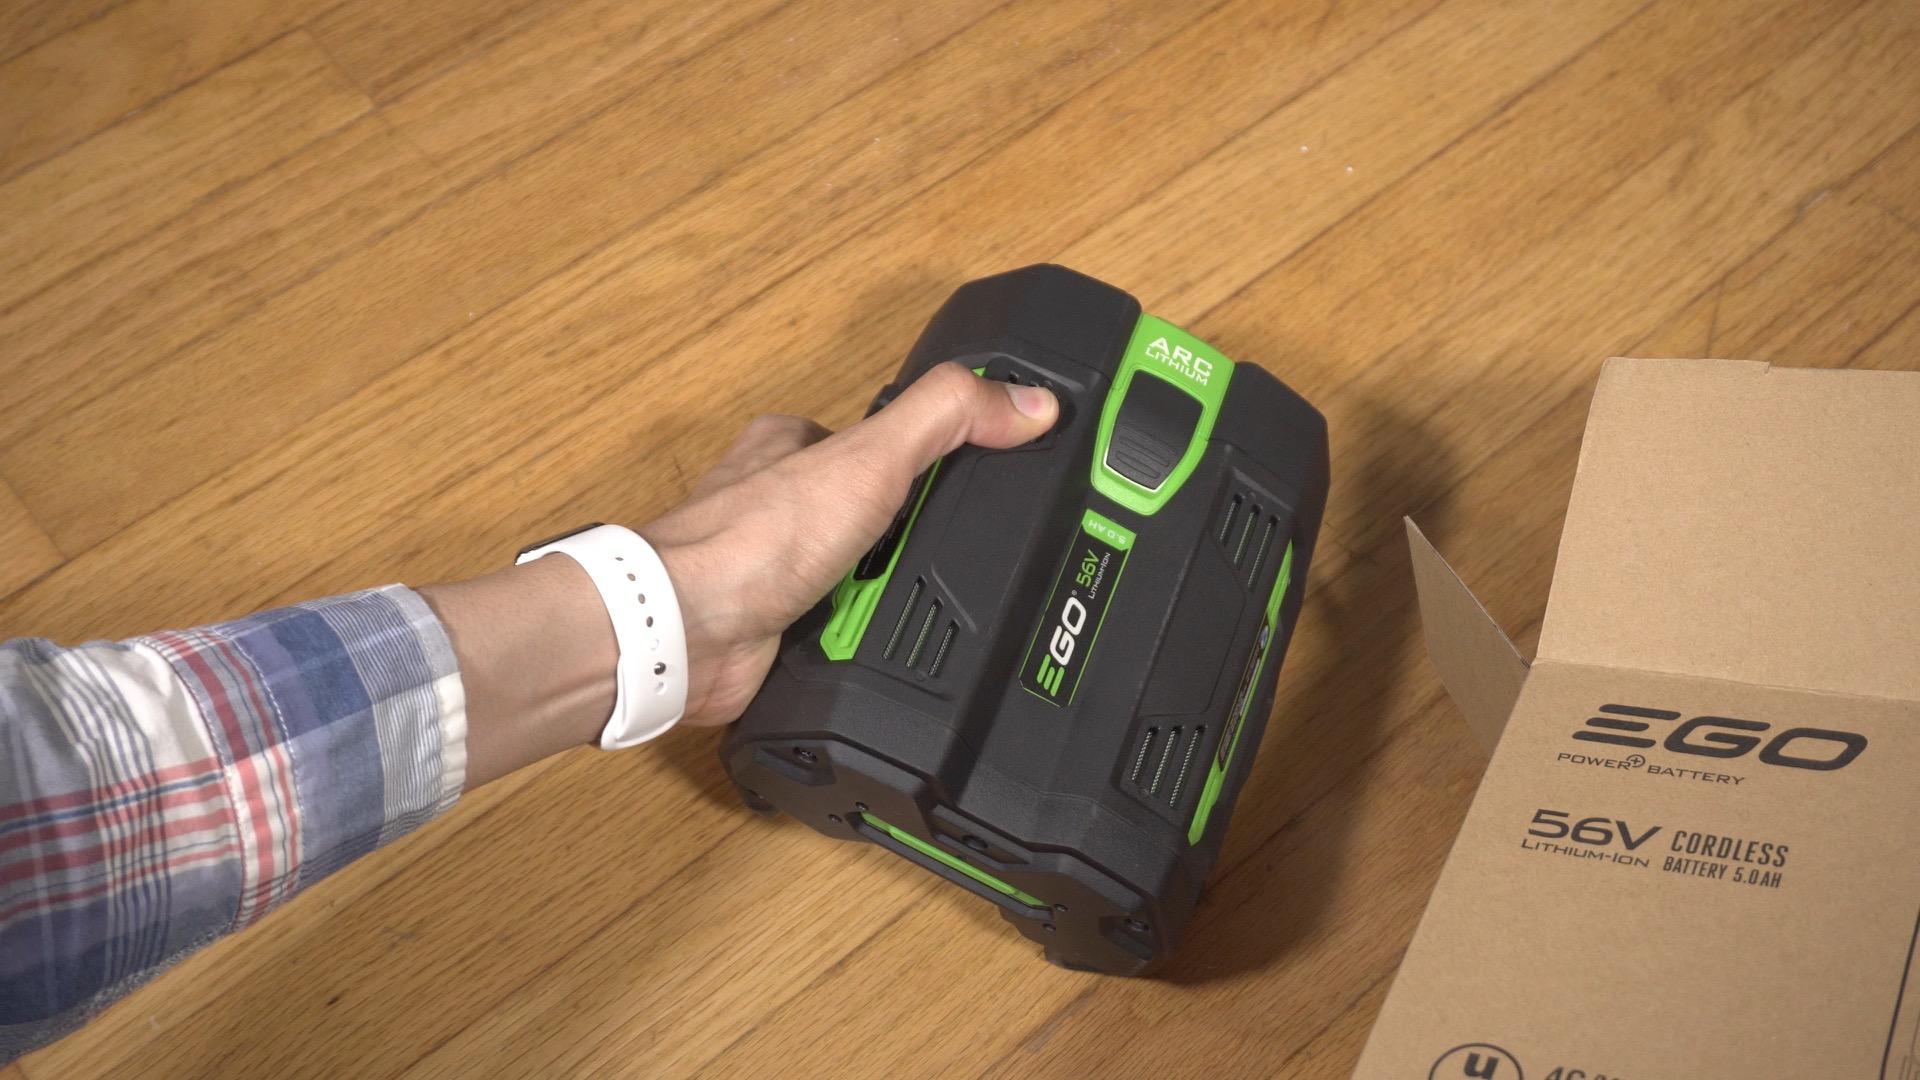 EGO Power Mower 05 Battery